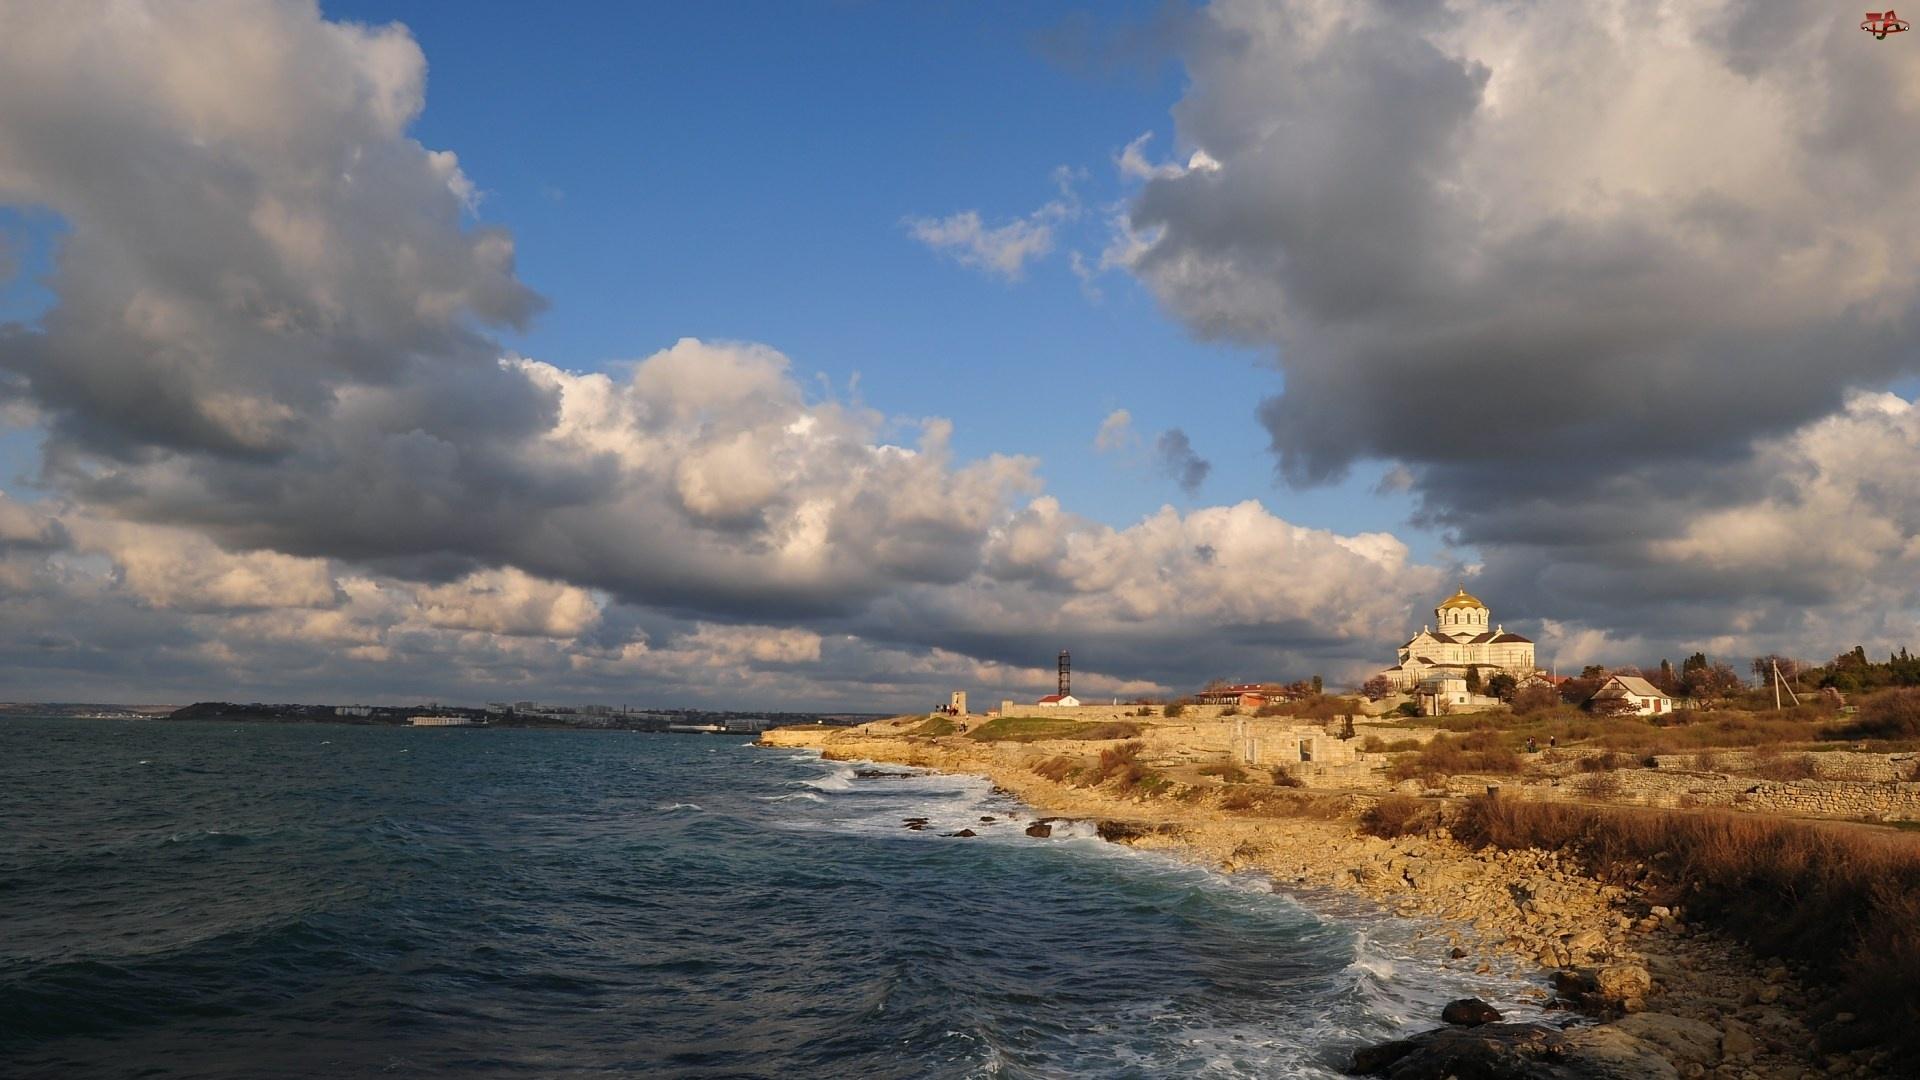 Krym, Morze, Chmury, Brzeg, Cerkiew